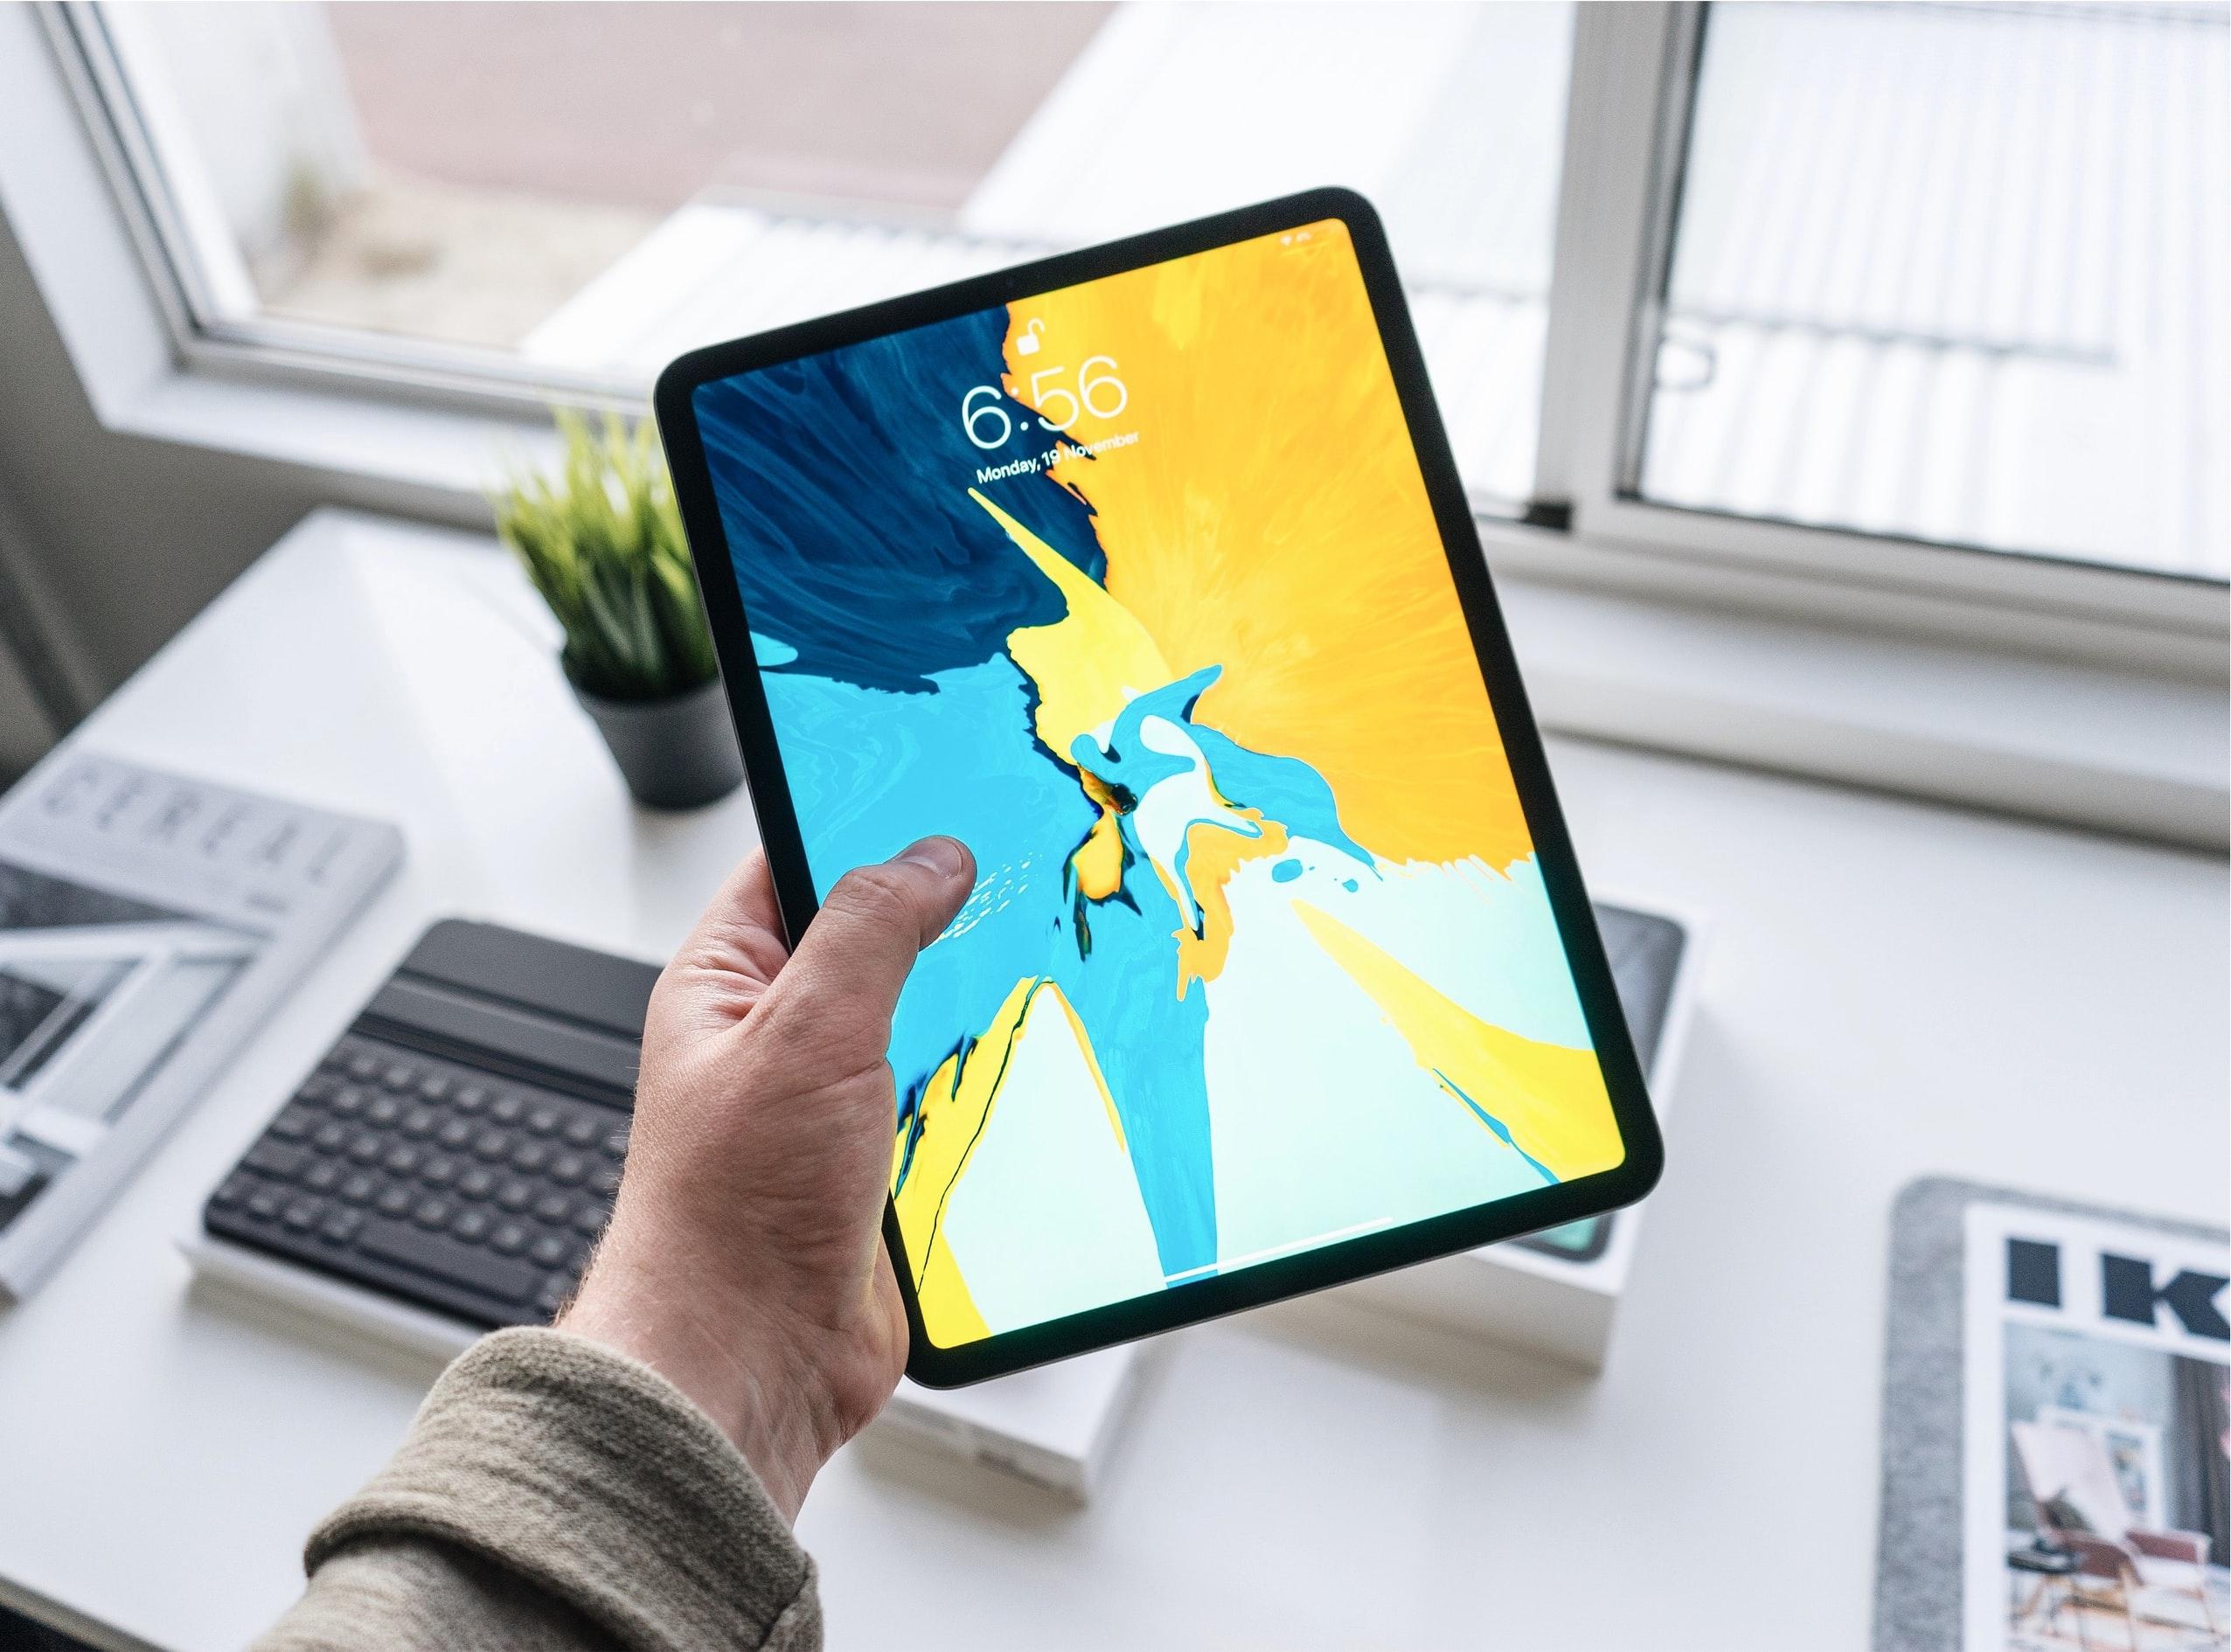 Gli iPad pro modello 2021 di Apple potrebbero avere 5G ...